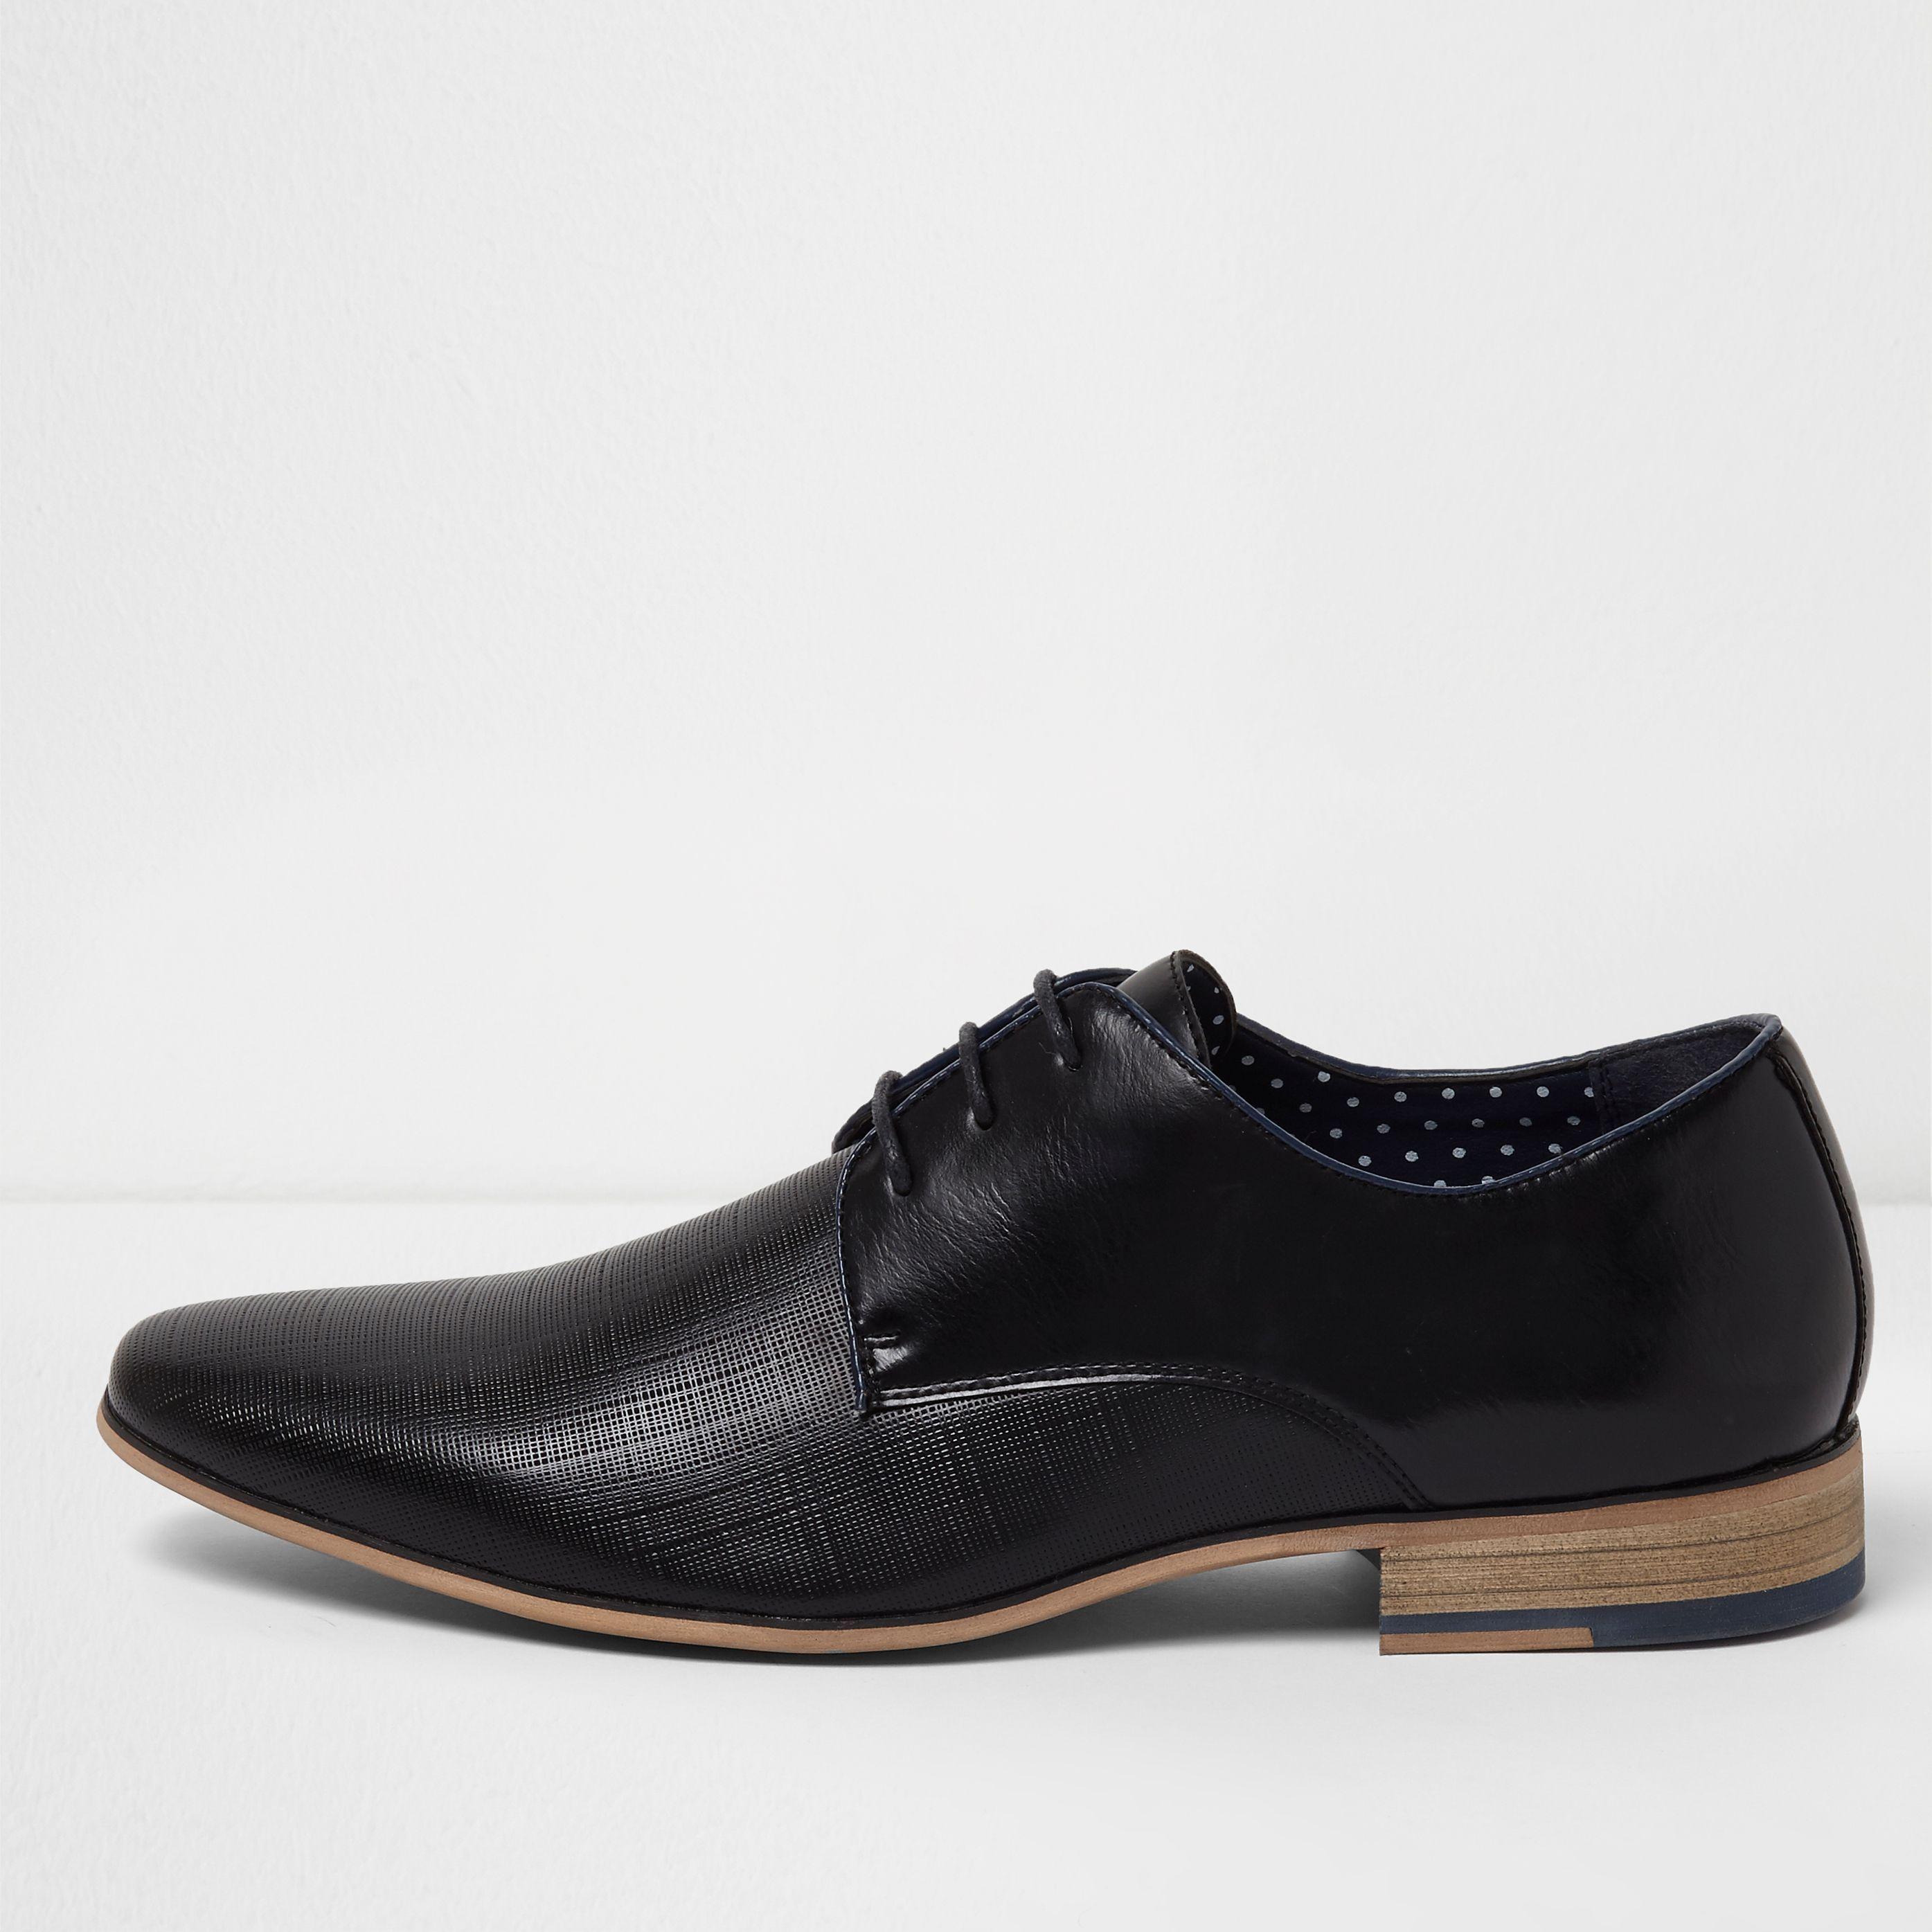 Boy/'s Black Vegan Leather Lace-up Dress Shoes